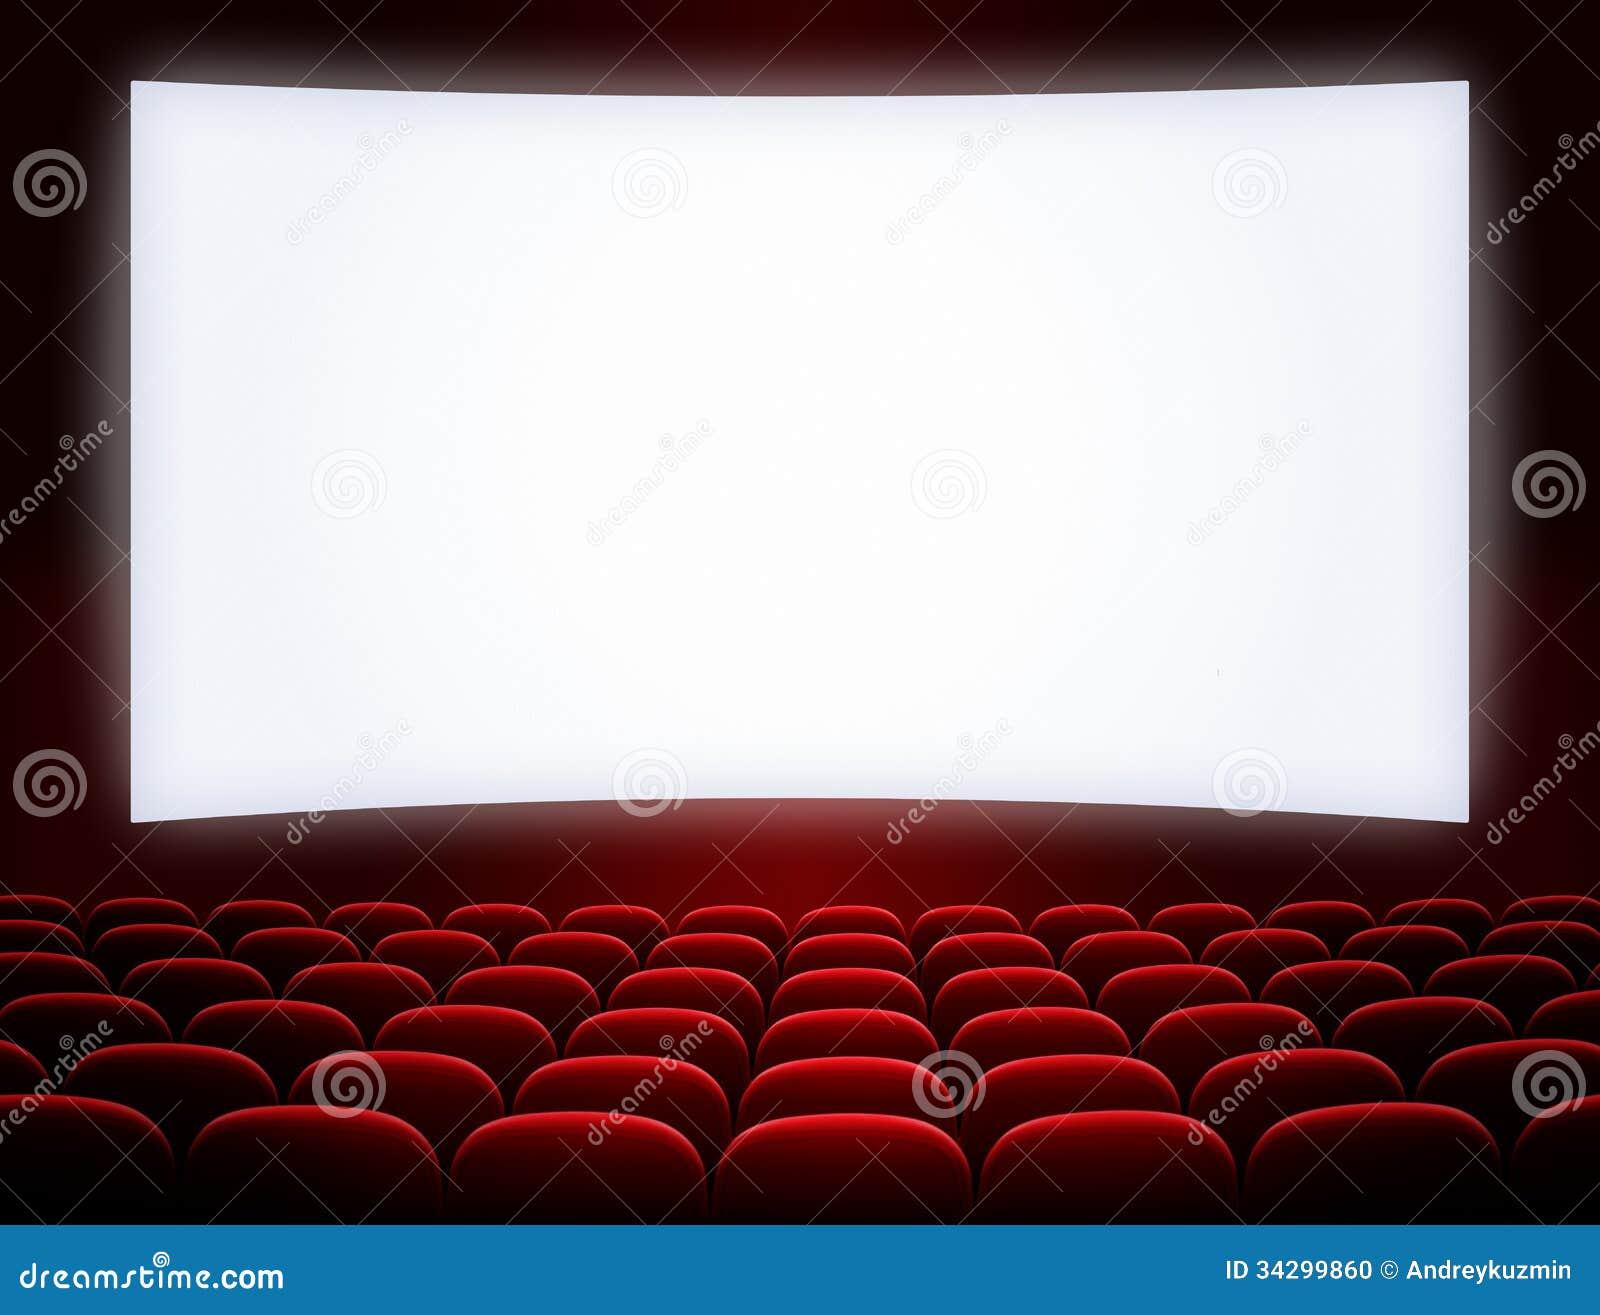 Schermo Del Cinema Con I Sedili Fotografia Stock - Immagine: 34299860